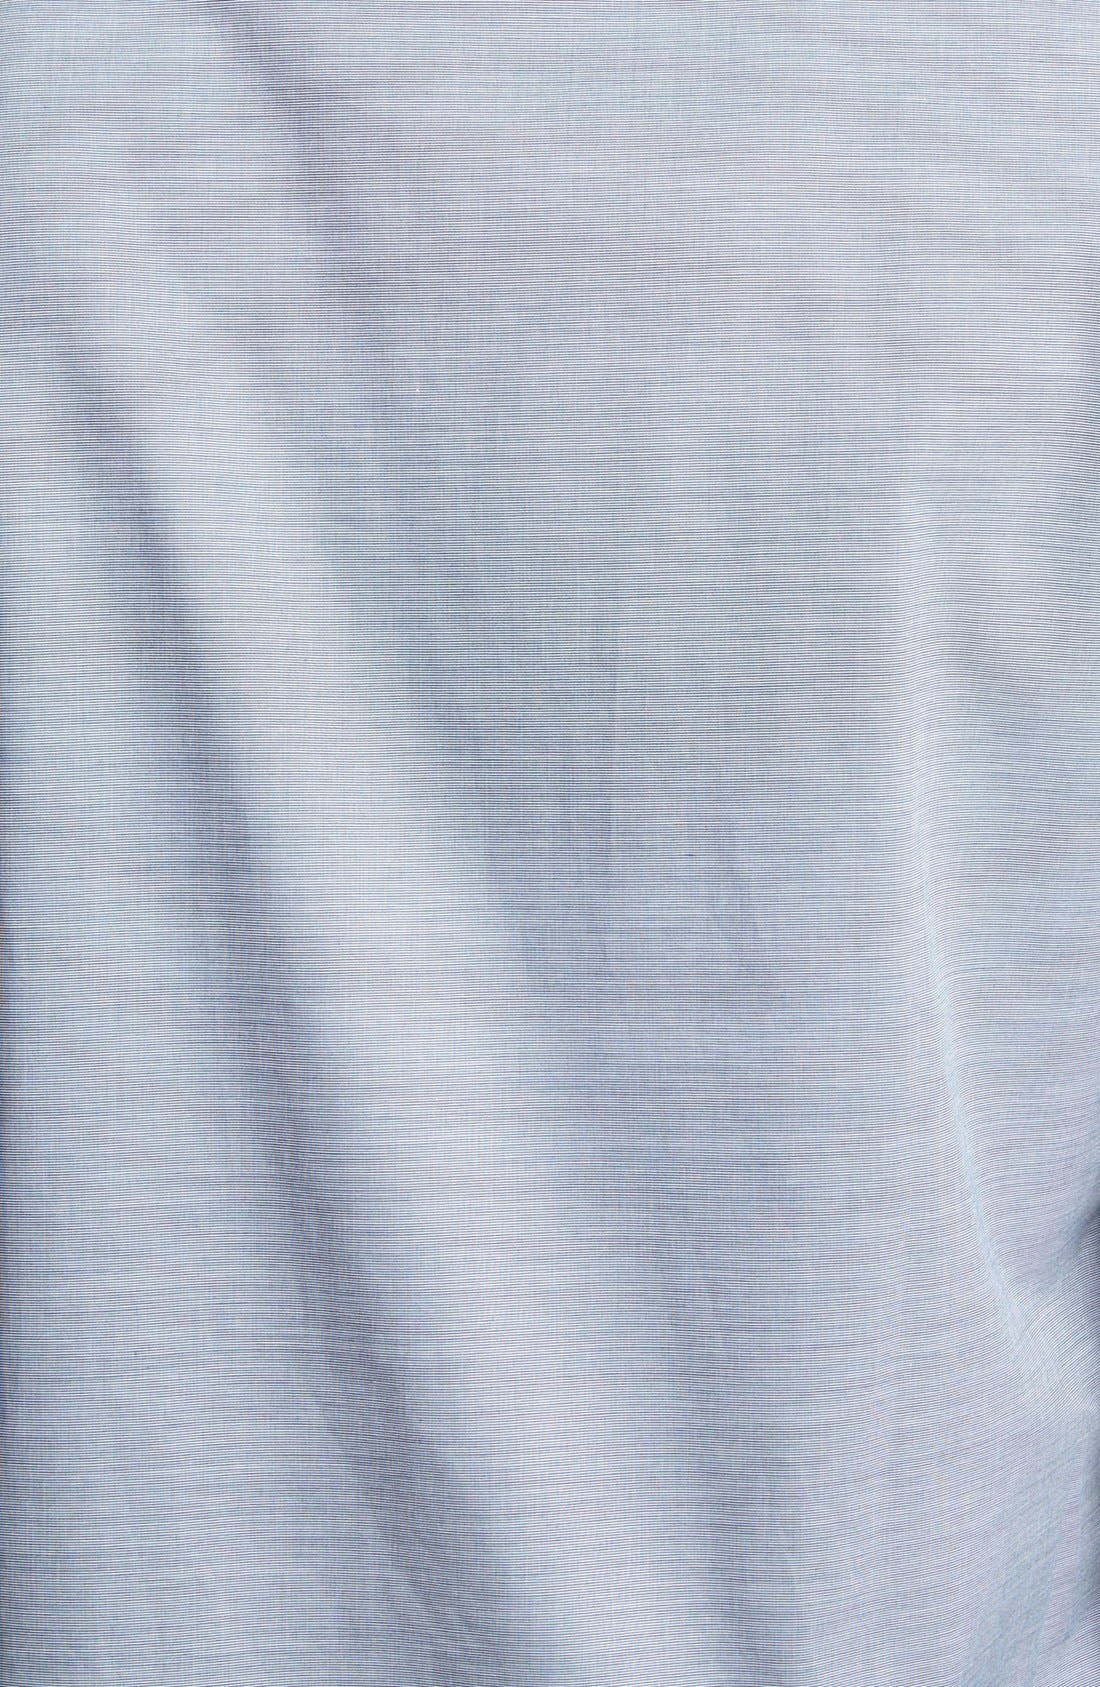 Alternate Image 3  - Calibrate Slim Fit Sport Shirt